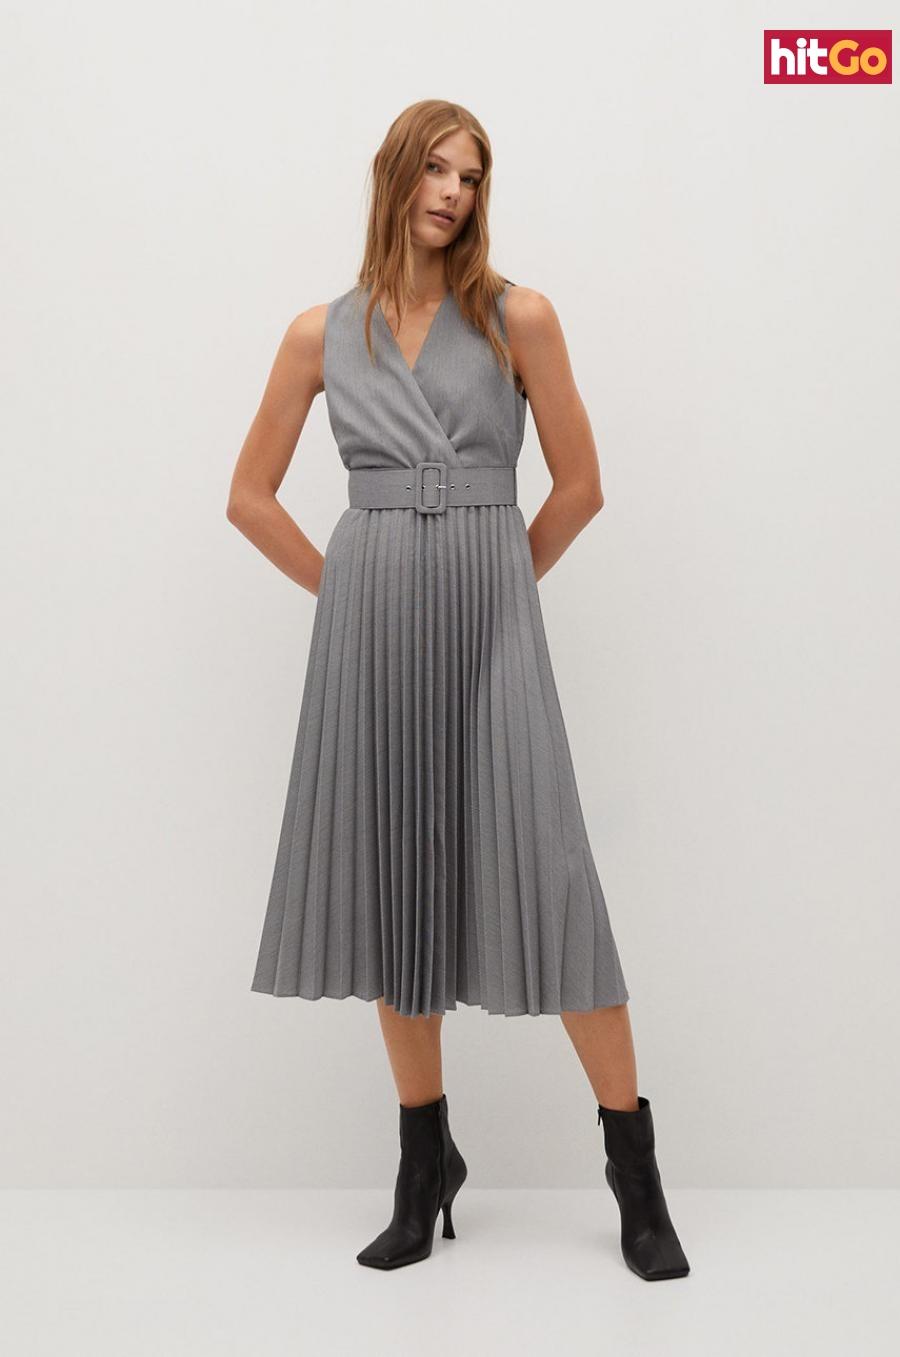 Mango - Šaty Lady dámské sivá XS